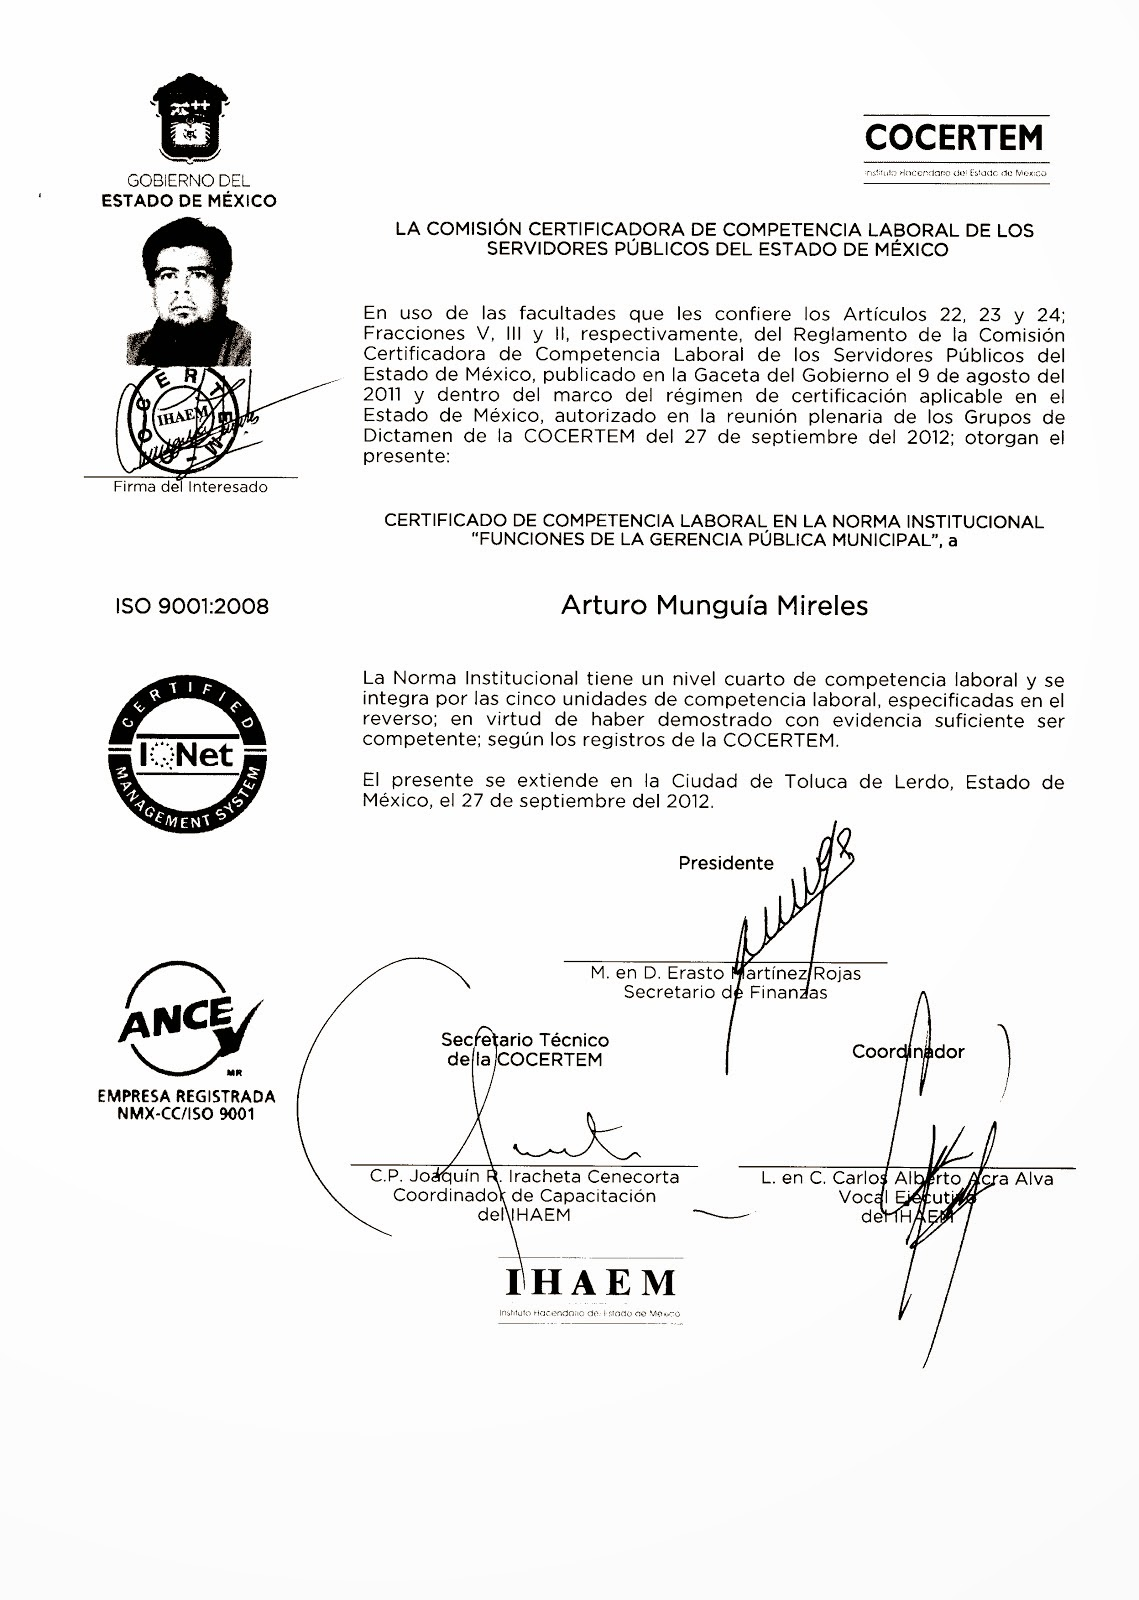 Certificado en Competencia Laboral en Funciones de Gerencia Publica Municipal